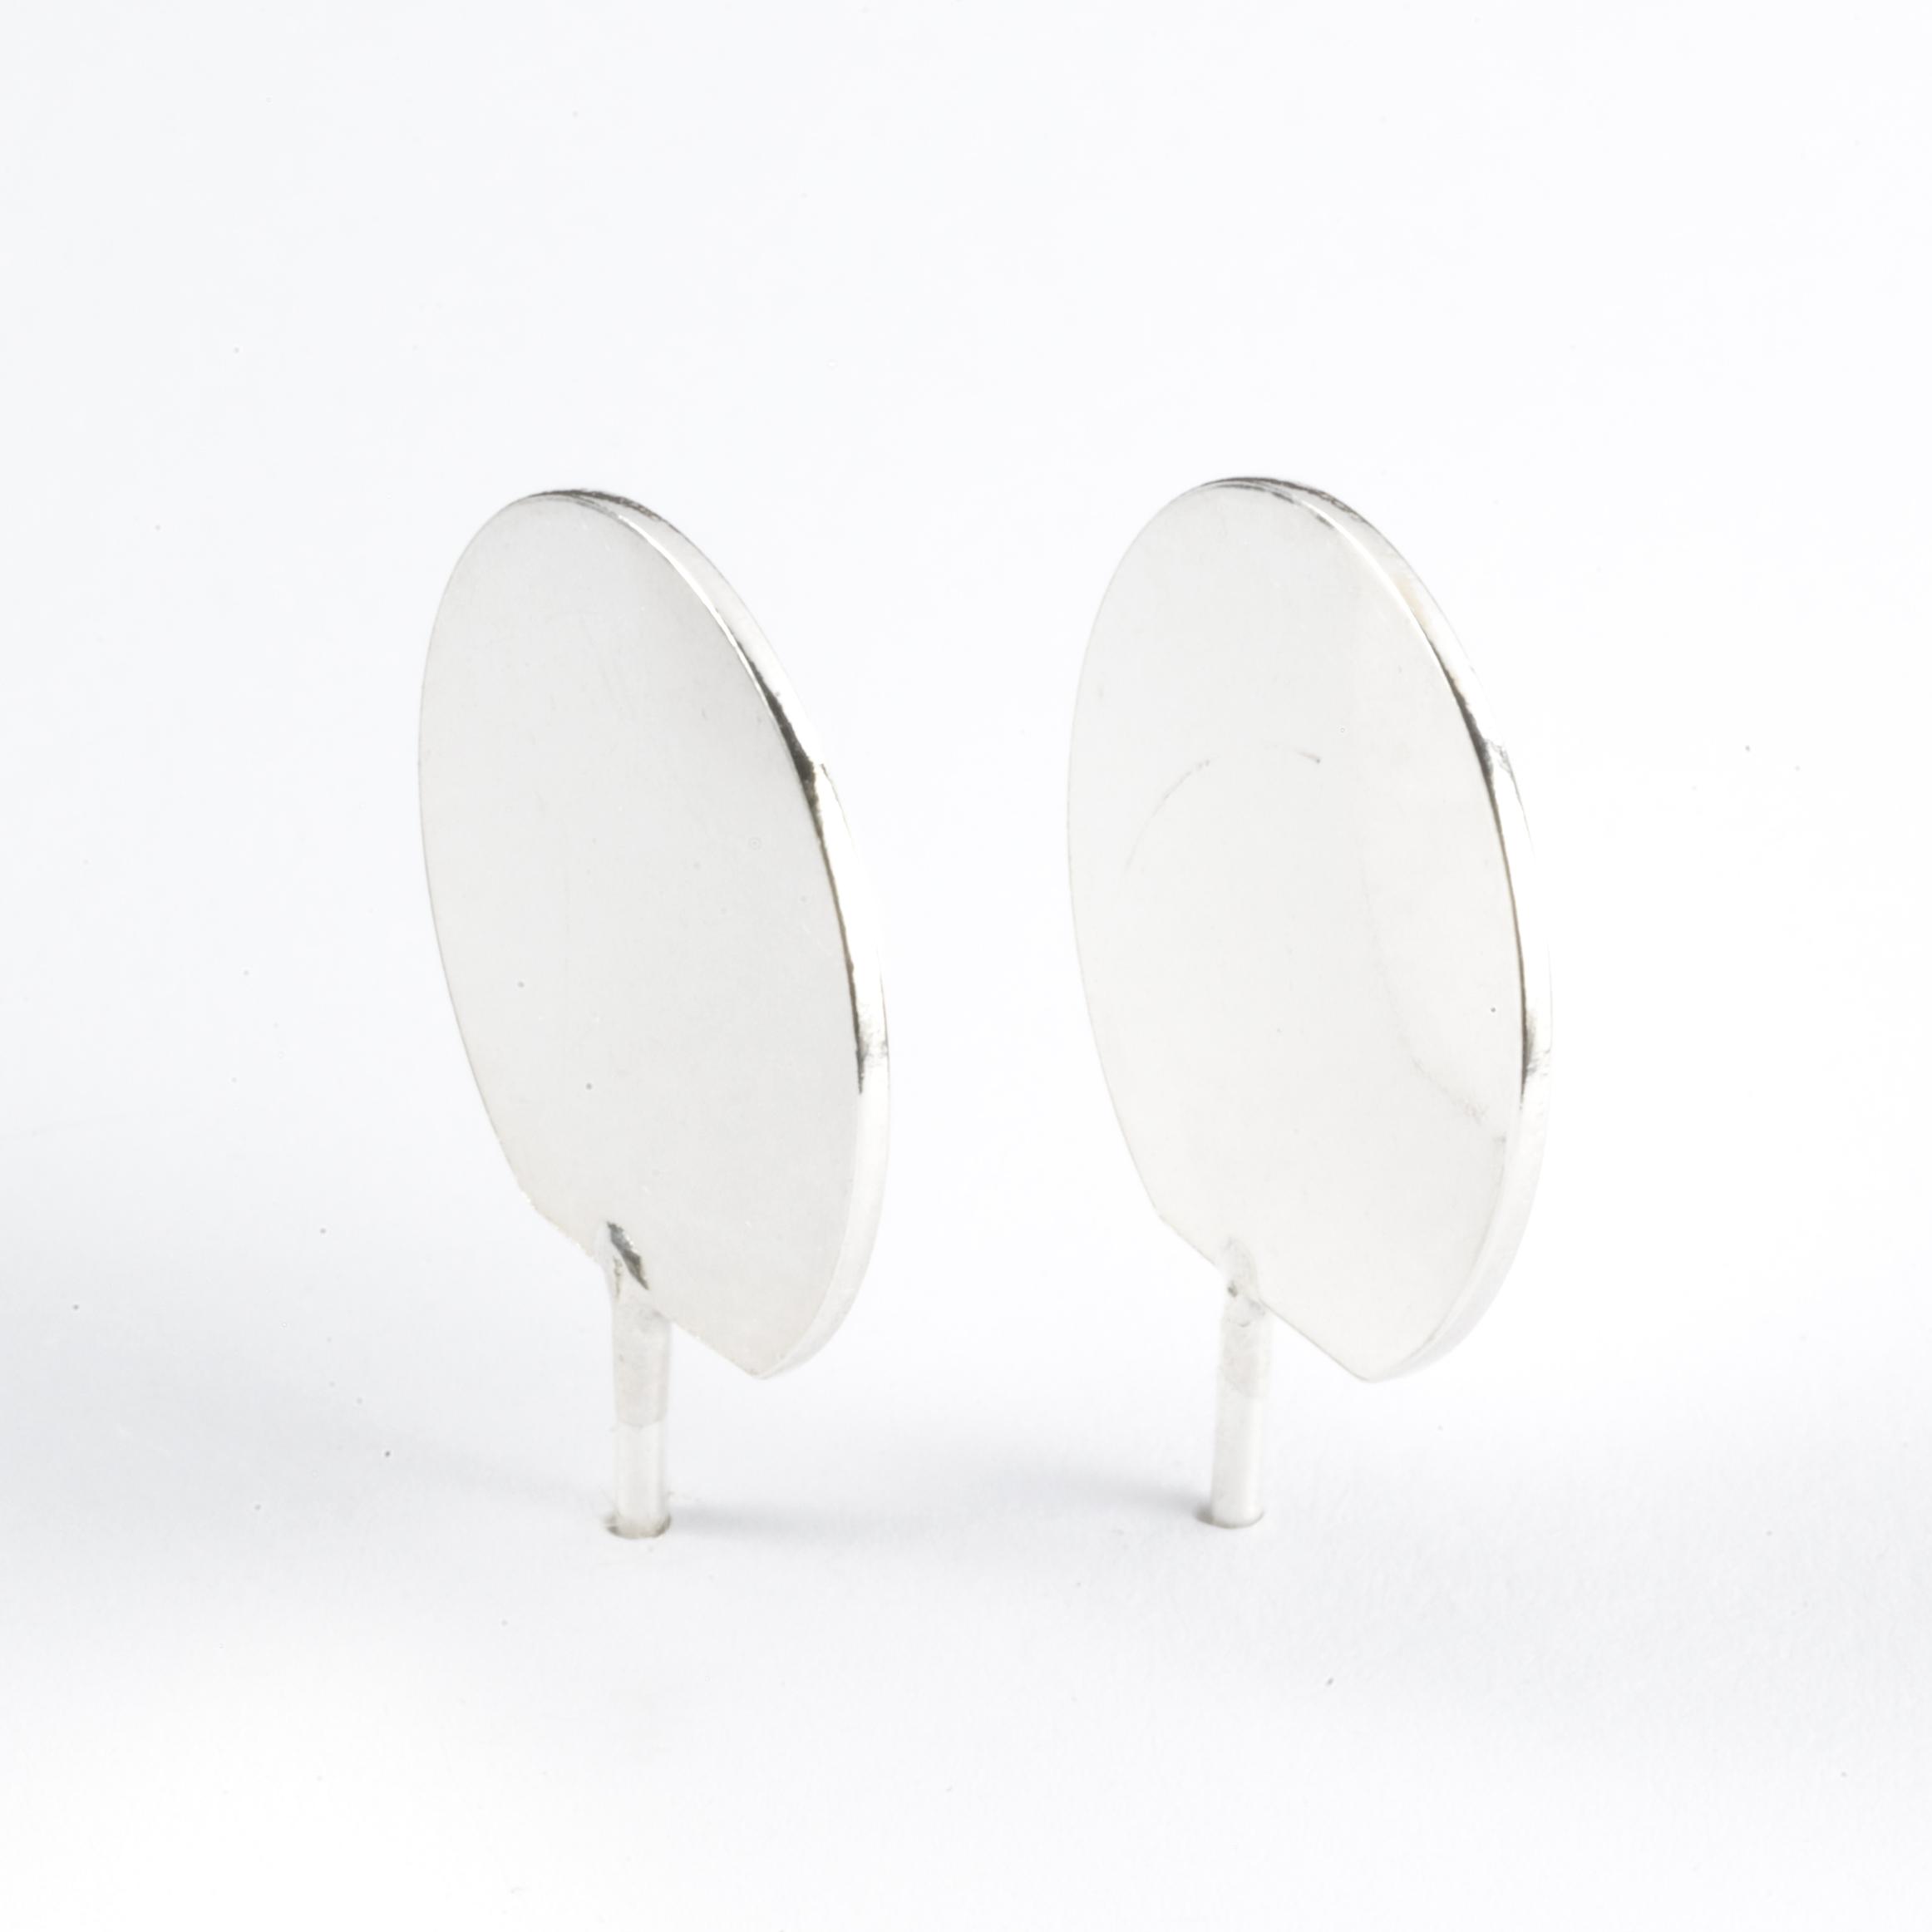 3D Dot 3 Ear Studs